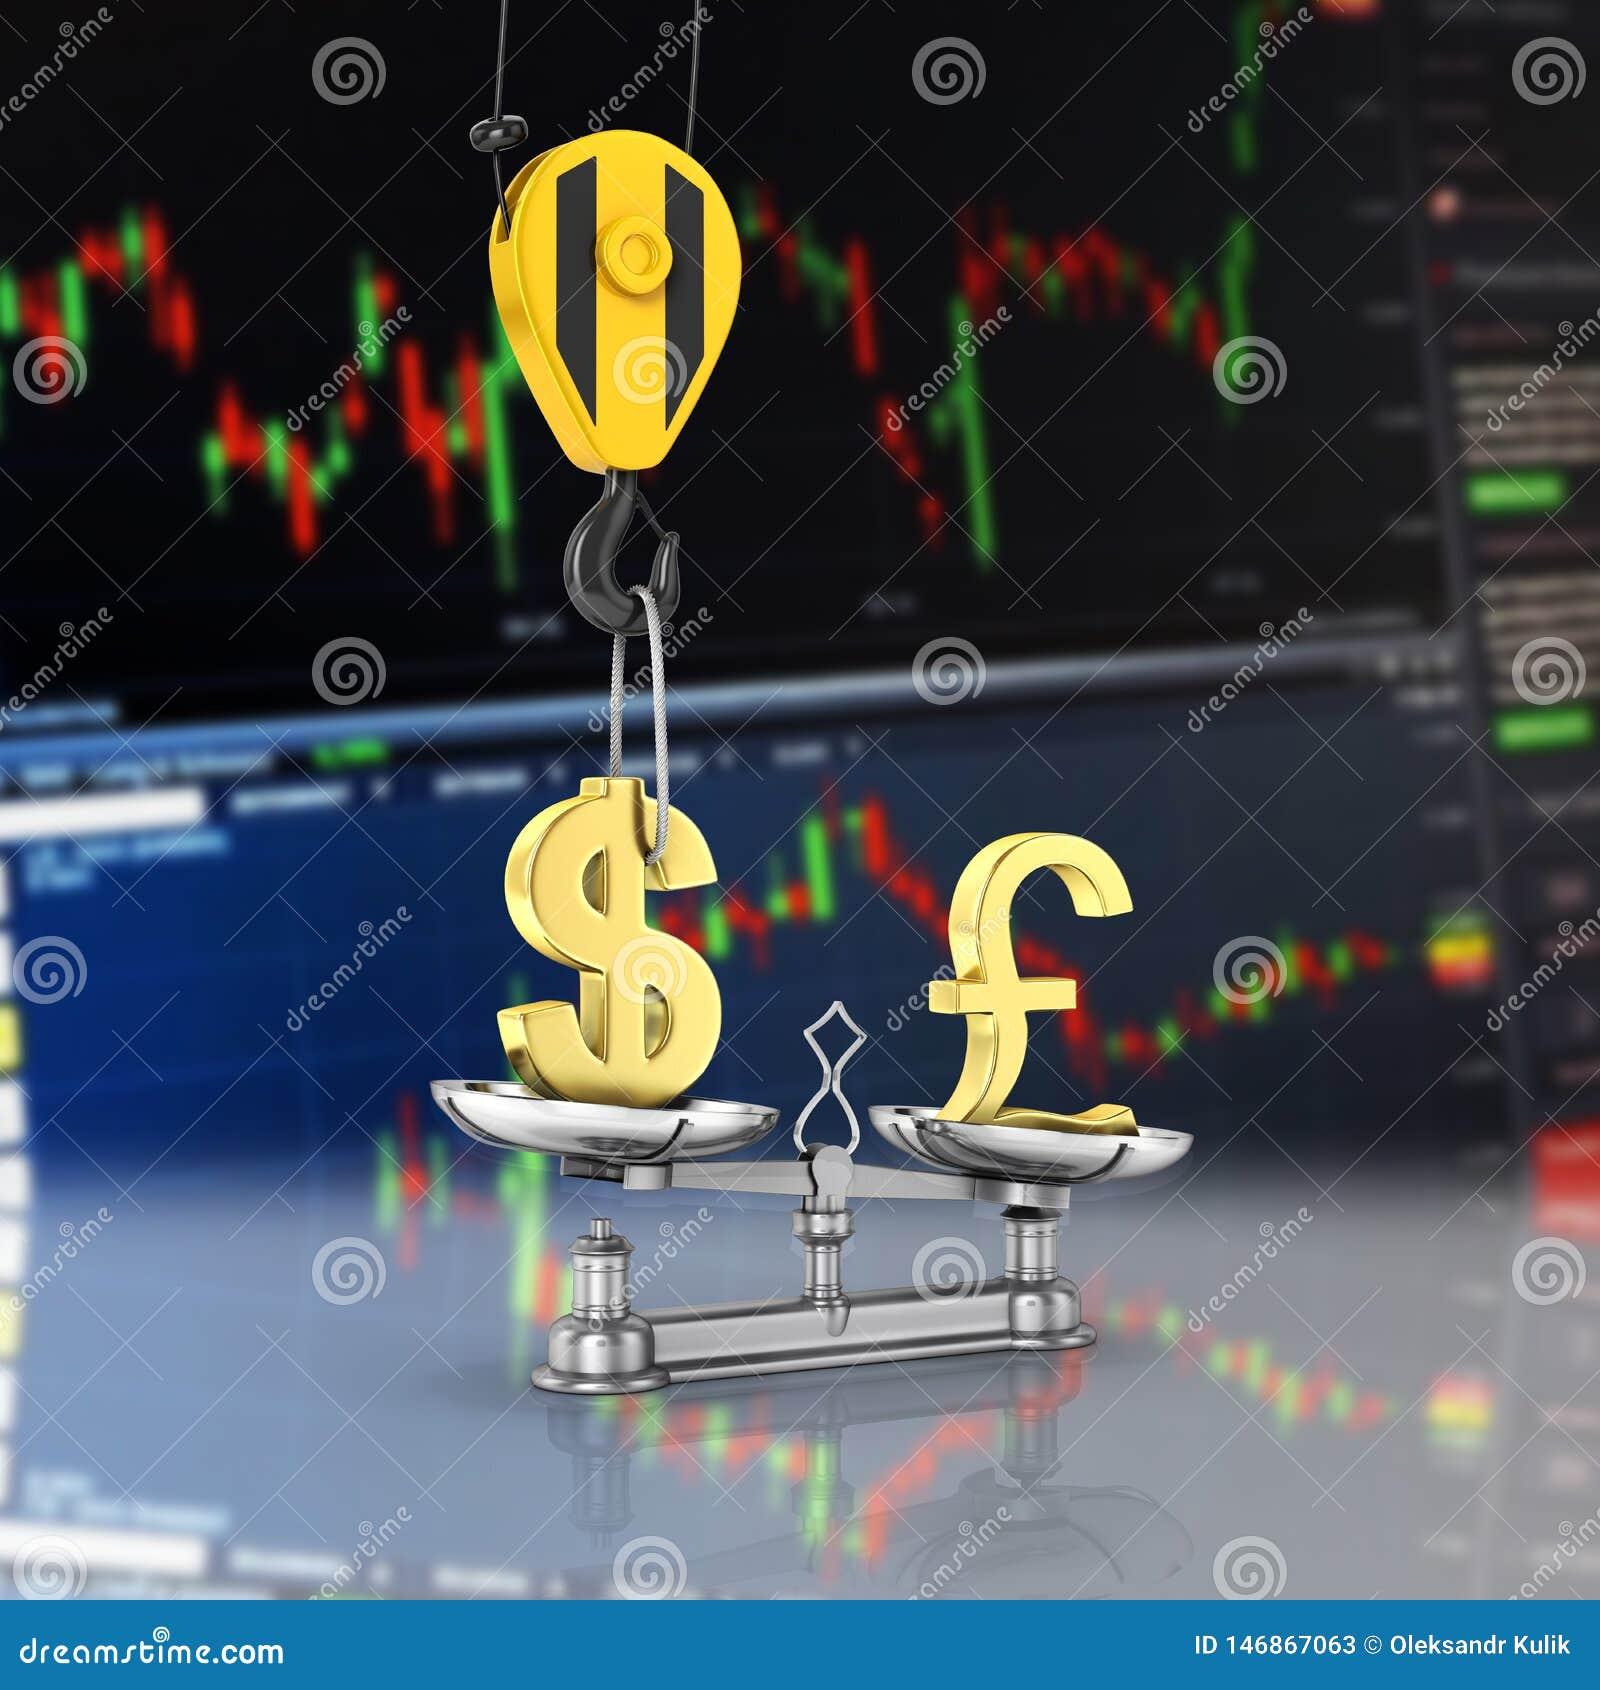 Концепция доллара поддержки курса против фунта кран вытягивает доллар вверх и понижает фунт стерлингов на фондовой бирже